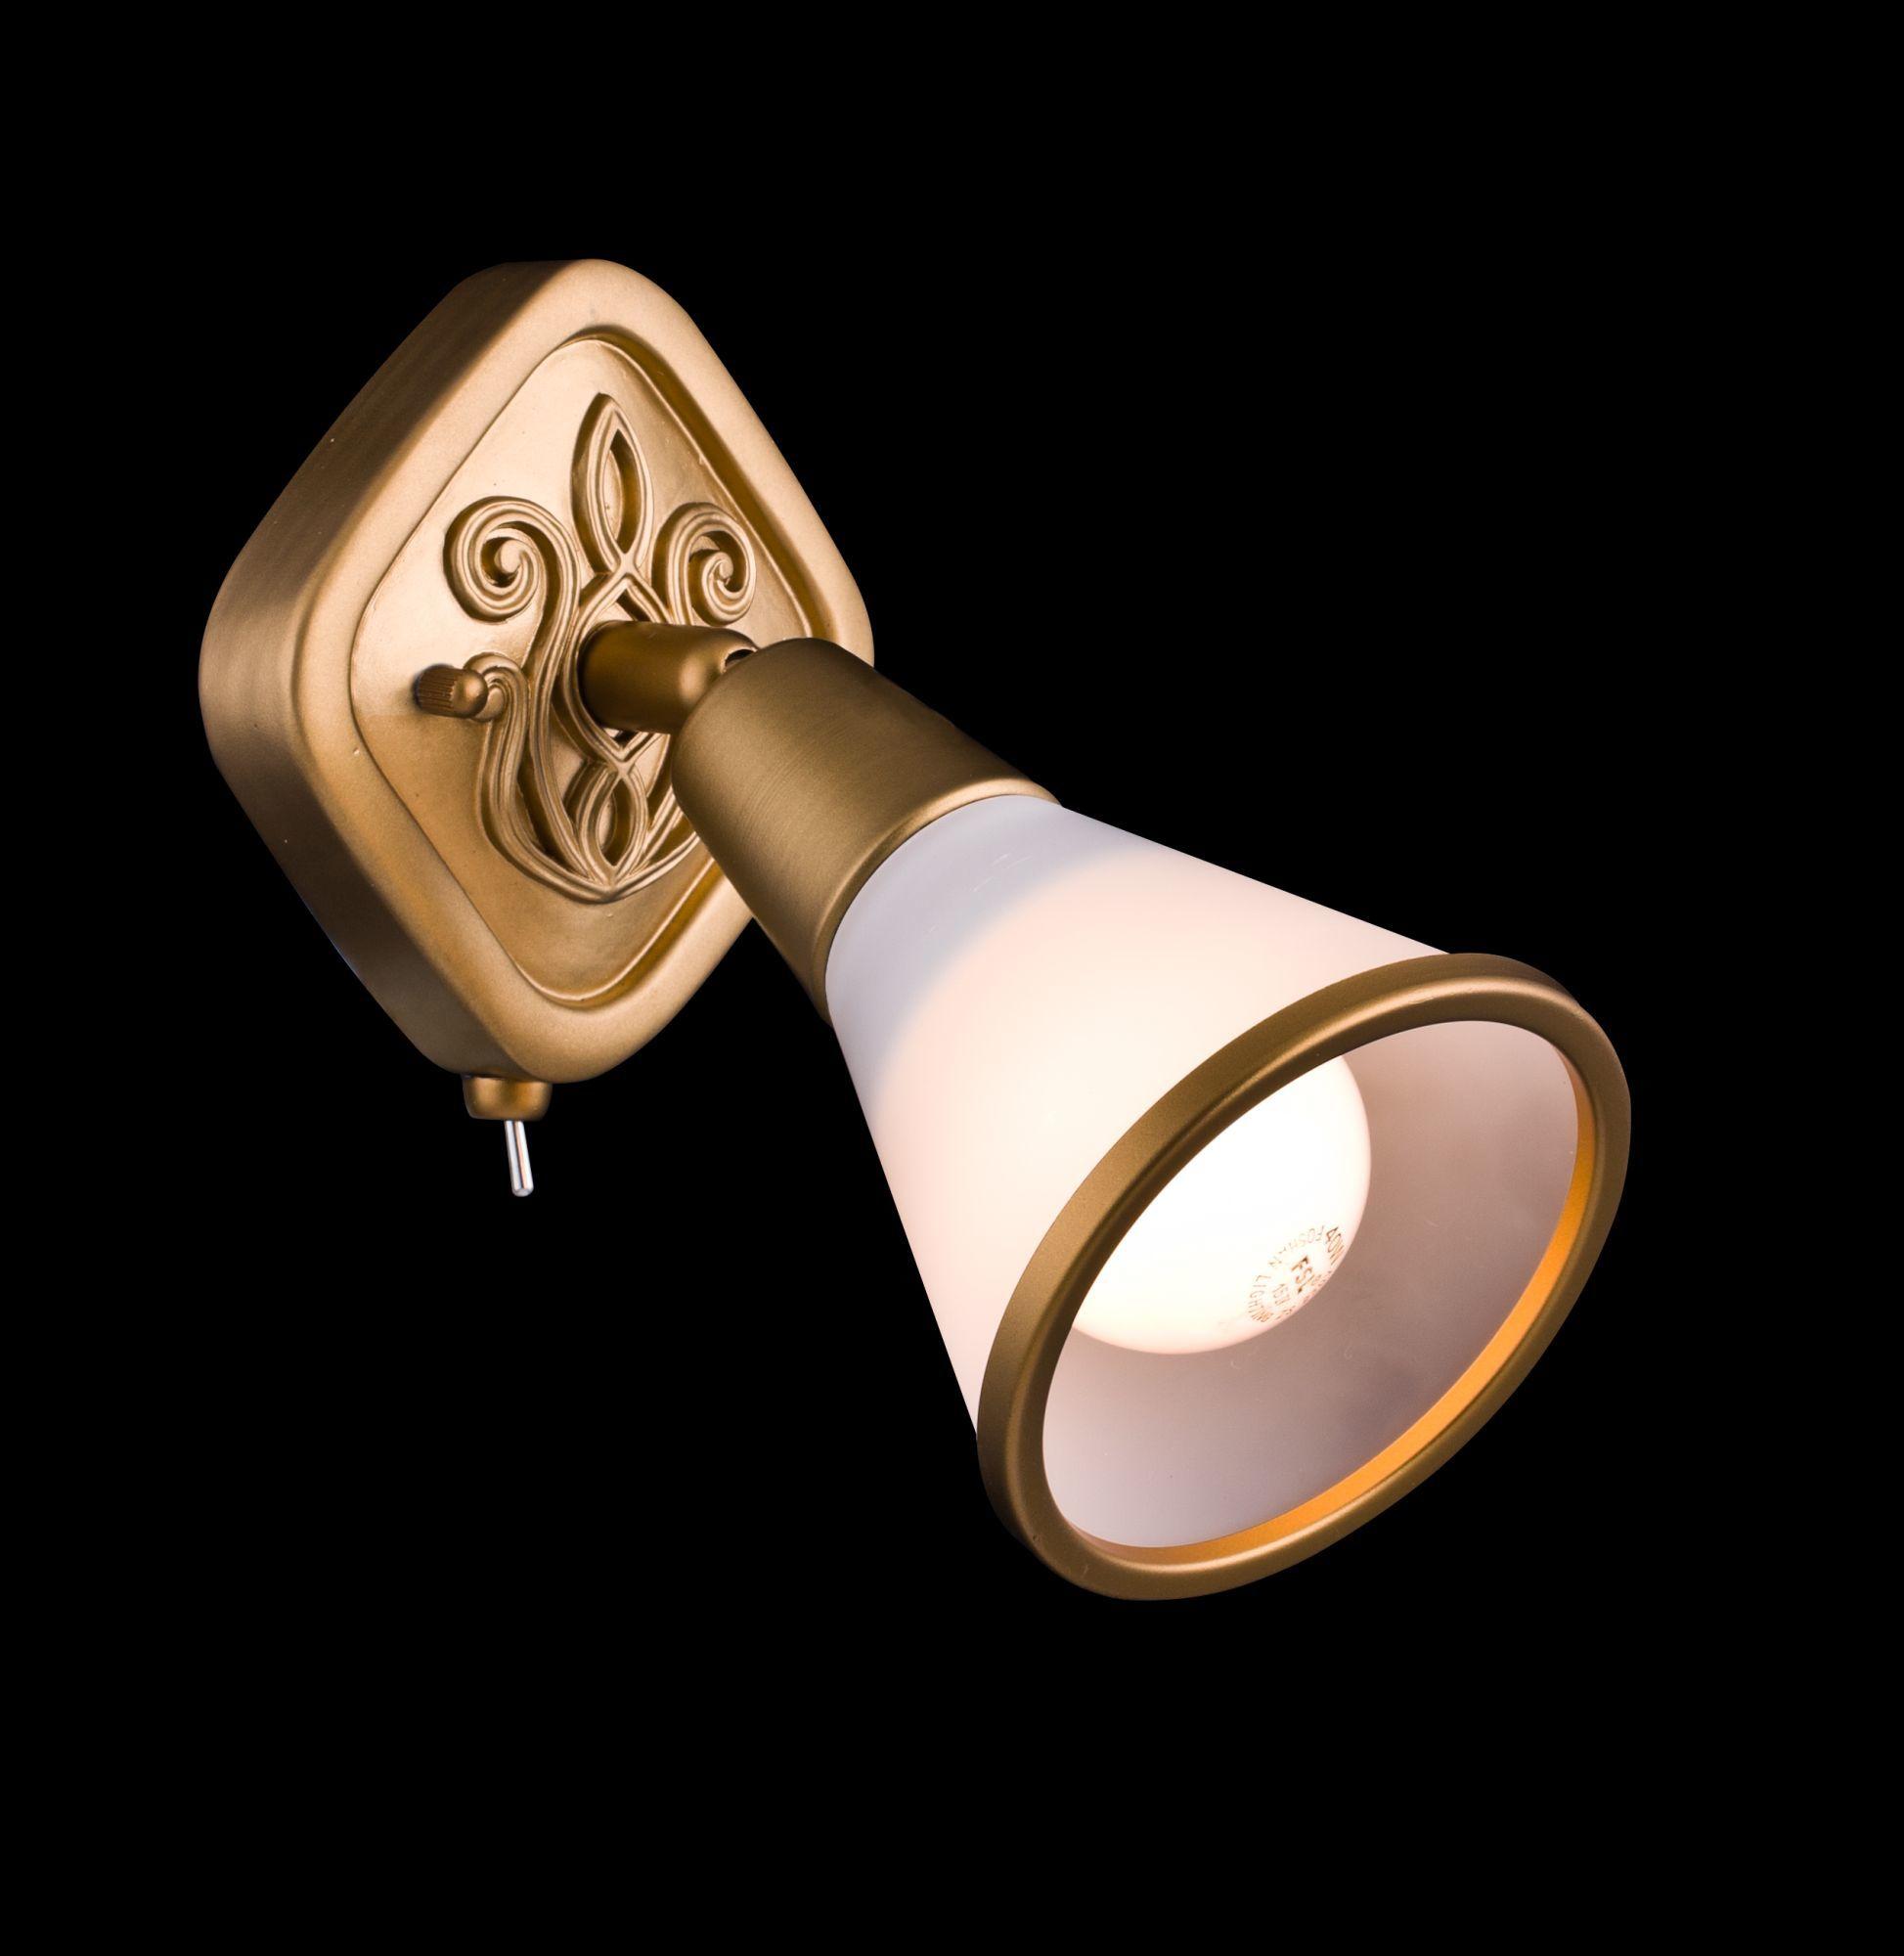 Настенный светильник с регулировкой направления света Maytoni Luther SP008-CW-01-G (ECO008-01-G), 1xE14x40W, матовое золото, матовое золото с белым, белый с матовым золотом, металл, стекло - фото 4